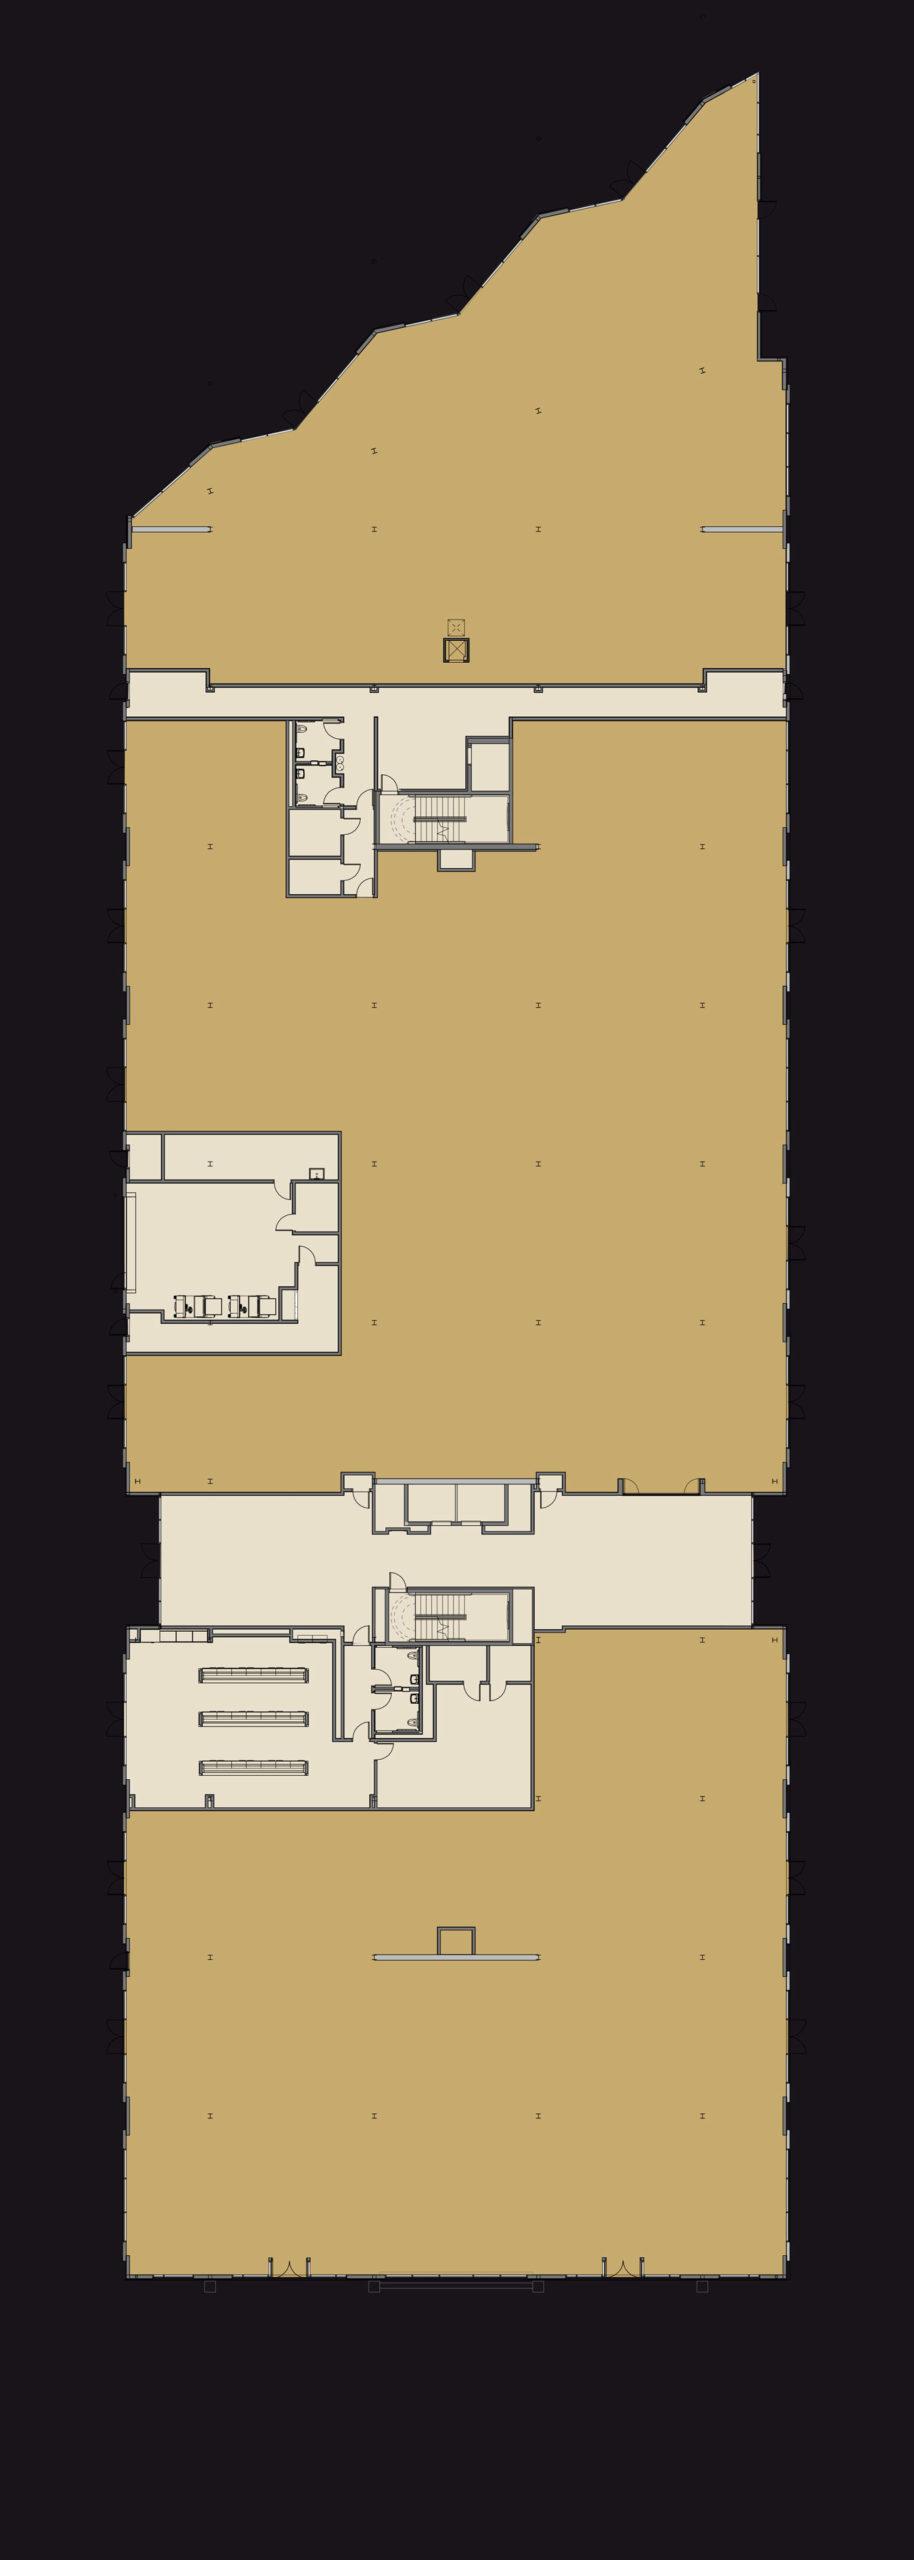 Leasing-Floor-Plans-20200322.1